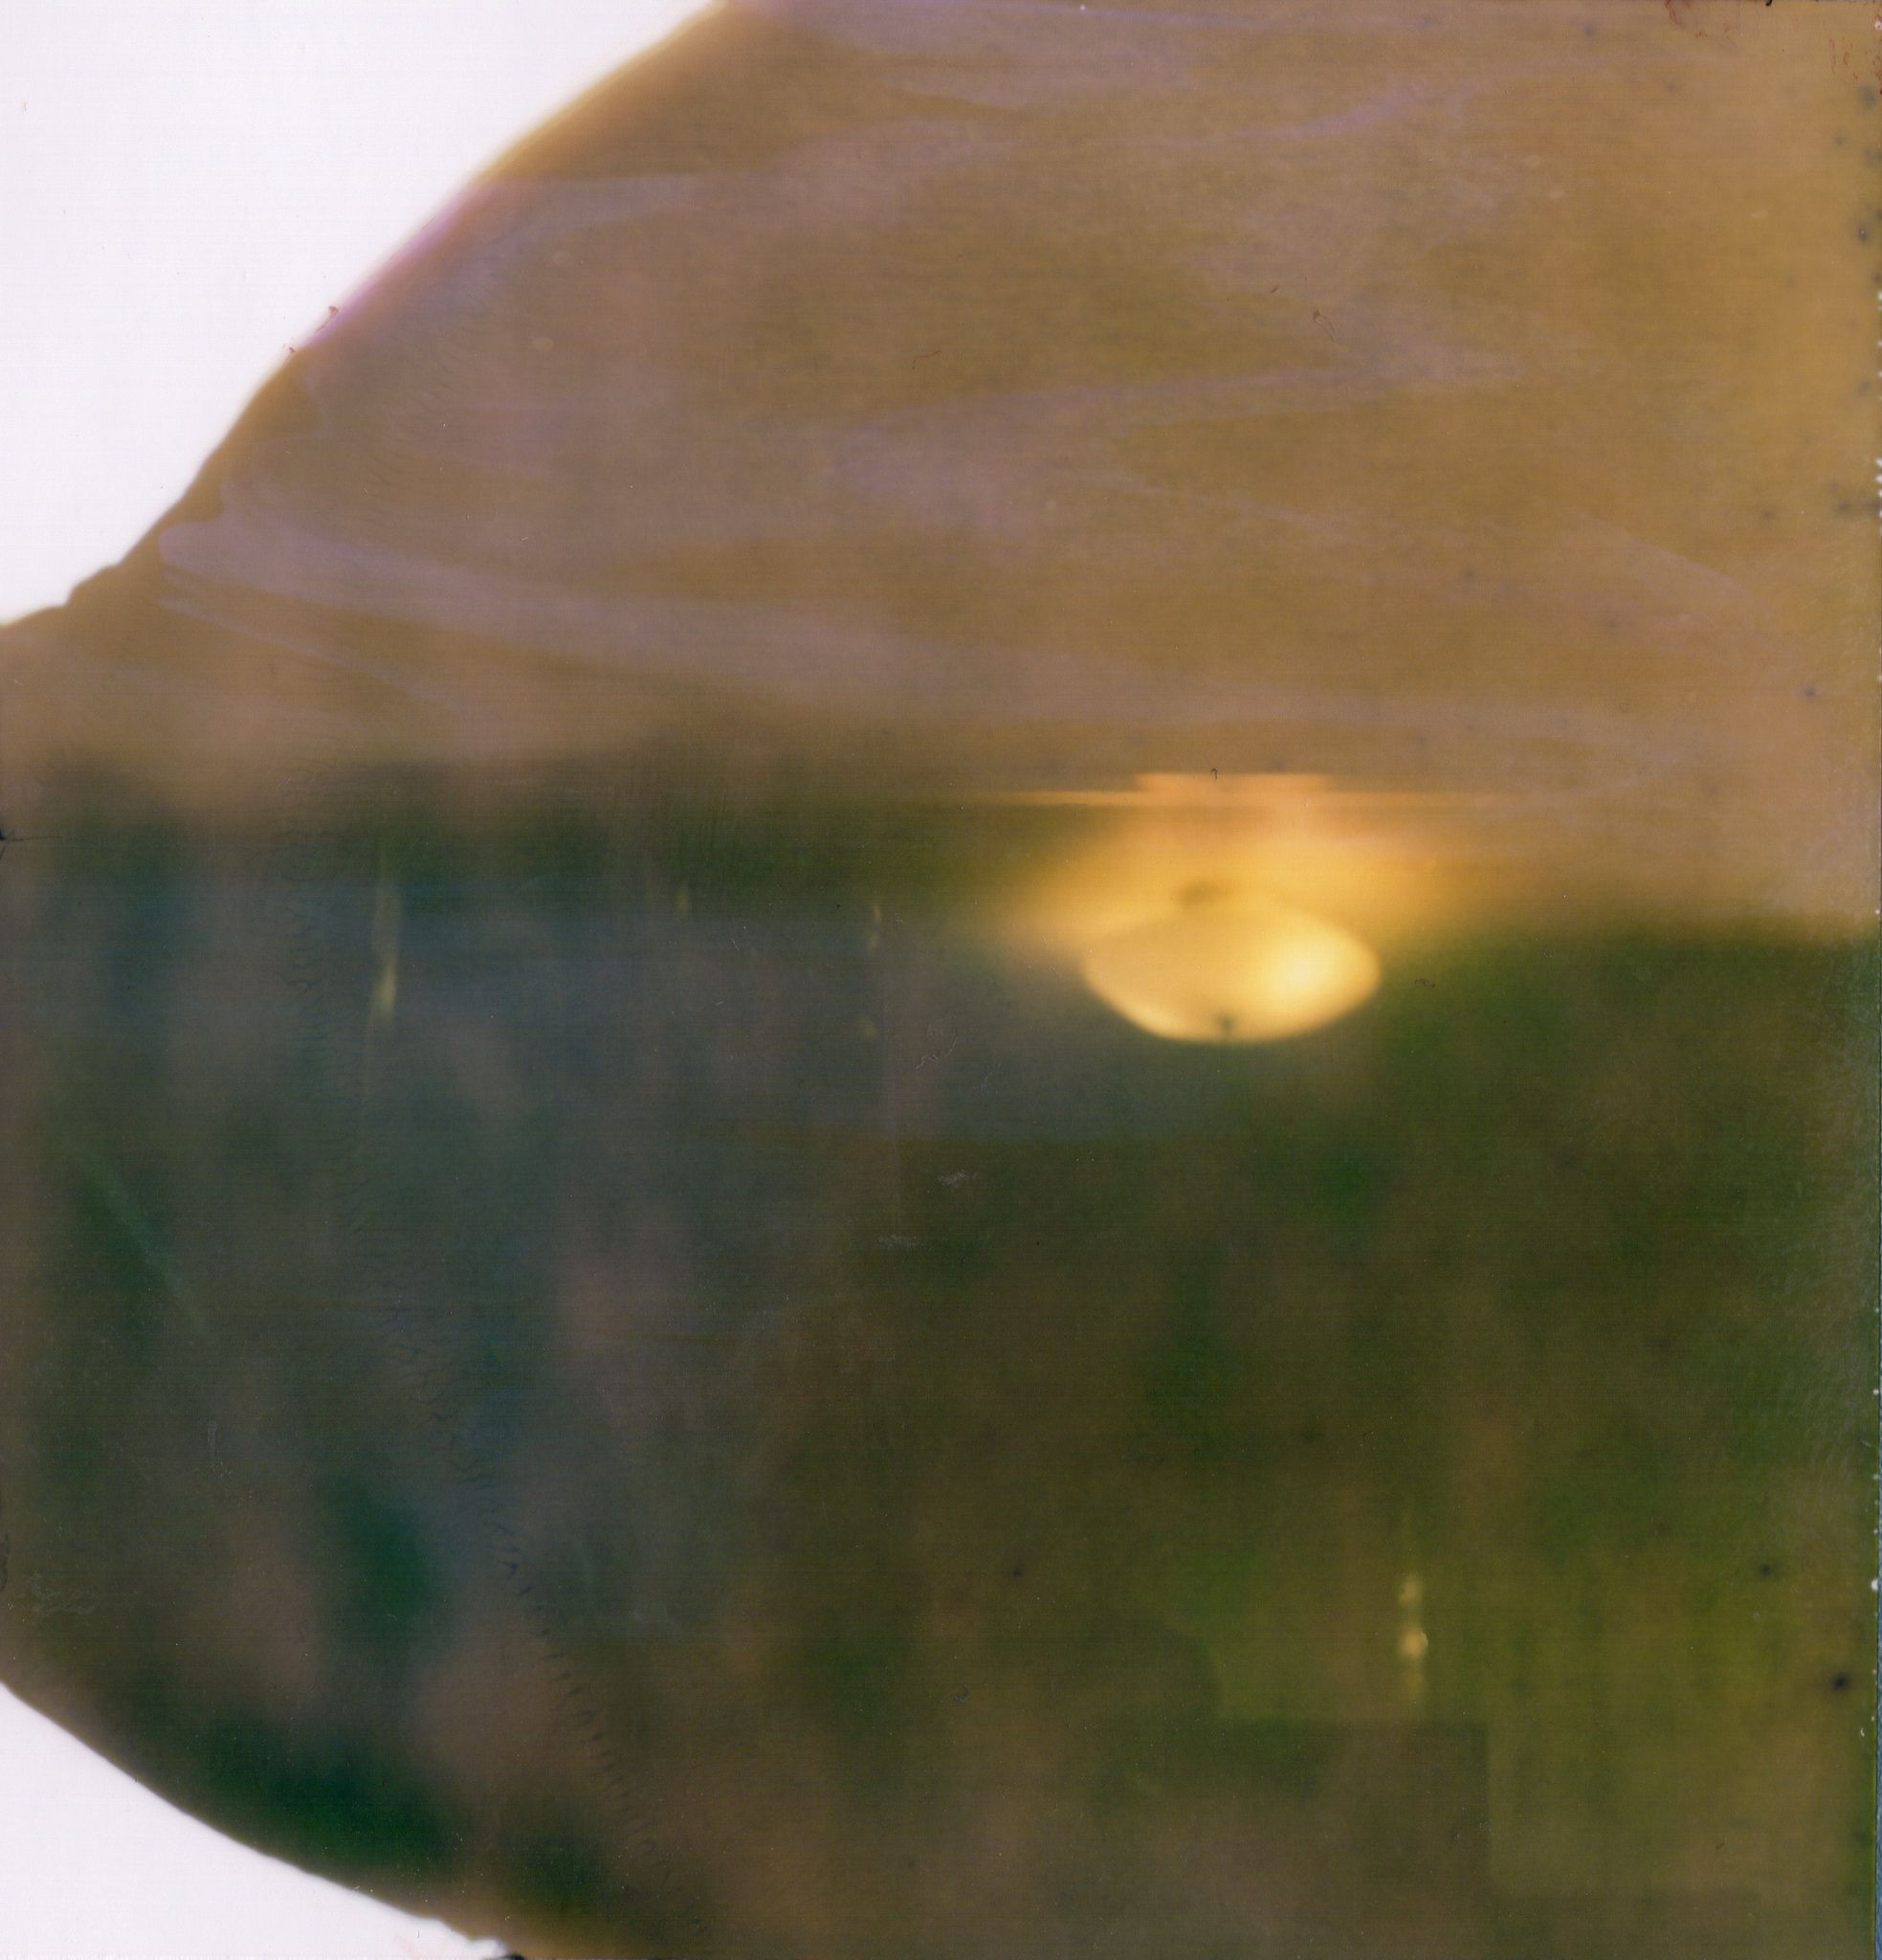 https://flic.kr/p/eDo1mA | Untitled | Polaroid Super Shooter Type 88 (expired 09/88)